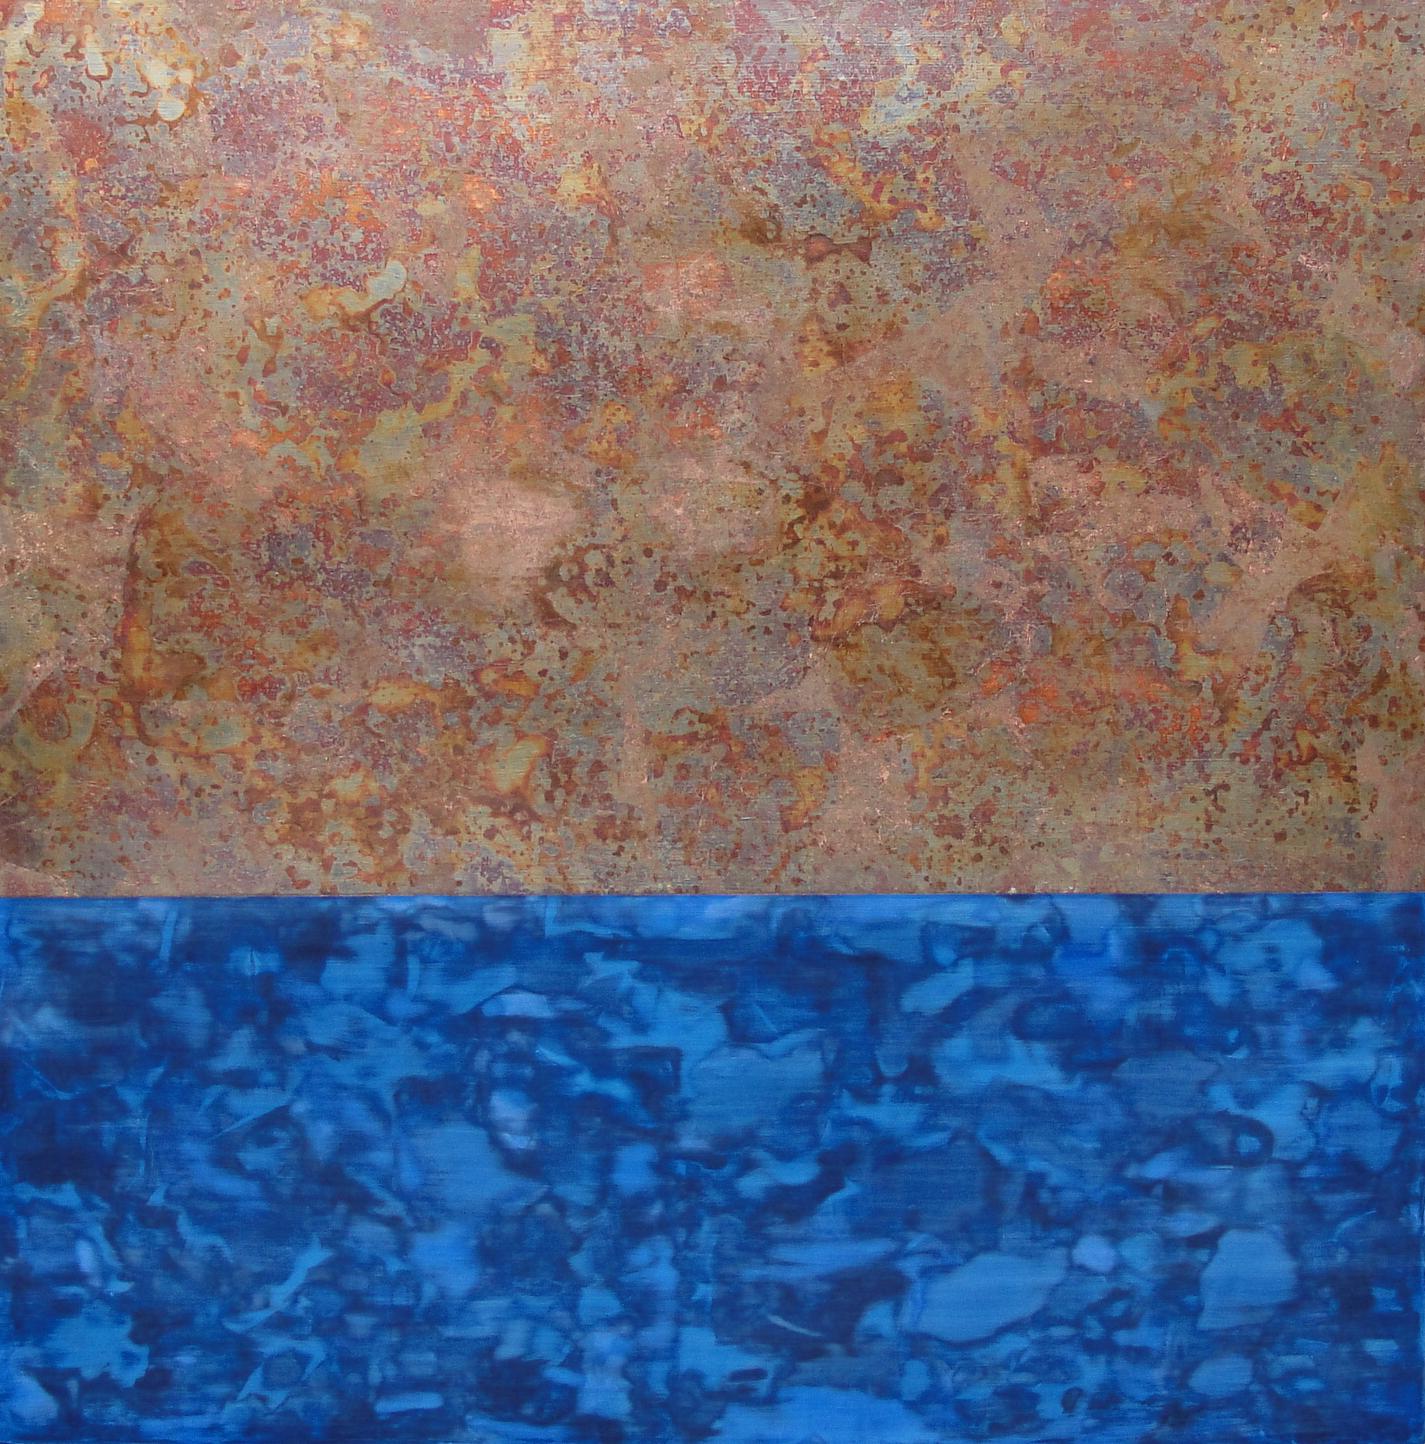 Blue and Copper Square